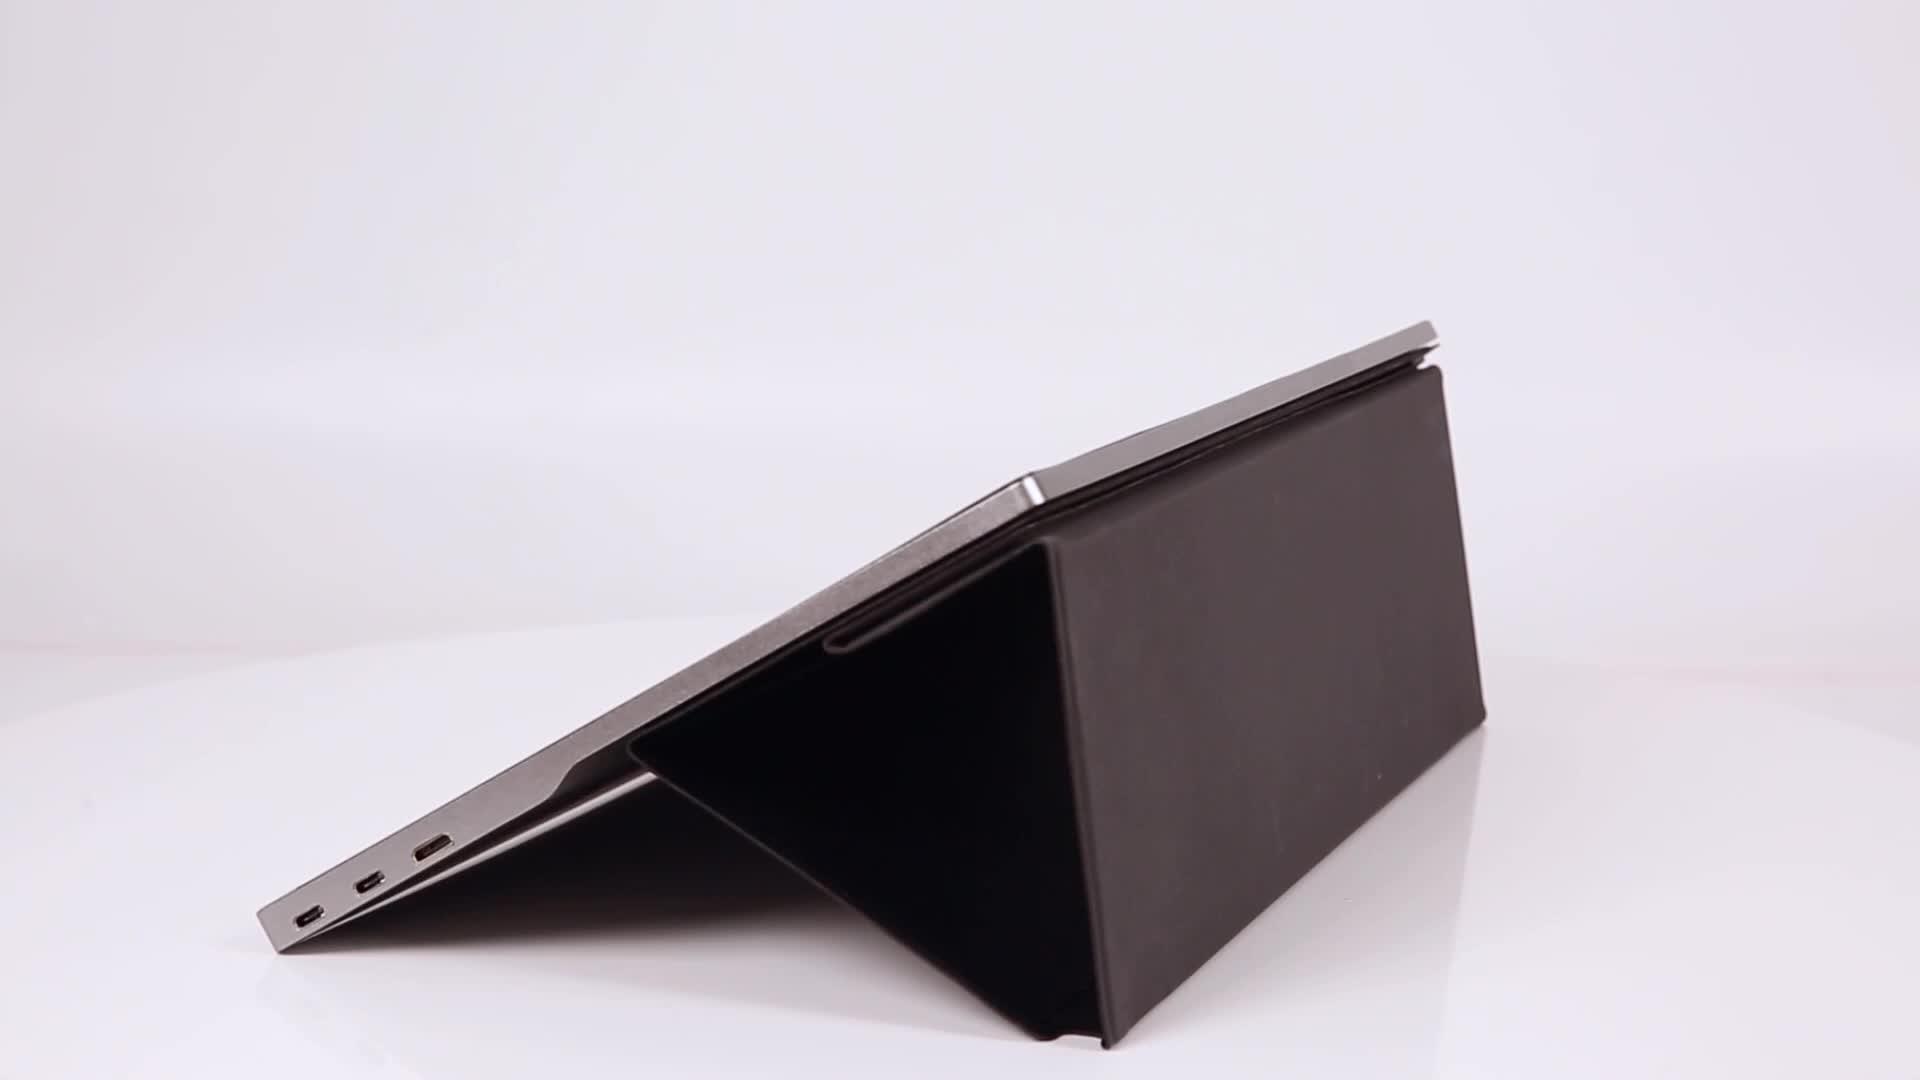 Fábrica al por mayor 15,6 pantalla táctil FHD1080p externo portátil al aire libre monitor pantalla de juego para teléfono laptopPC interruptor PS4 xbox